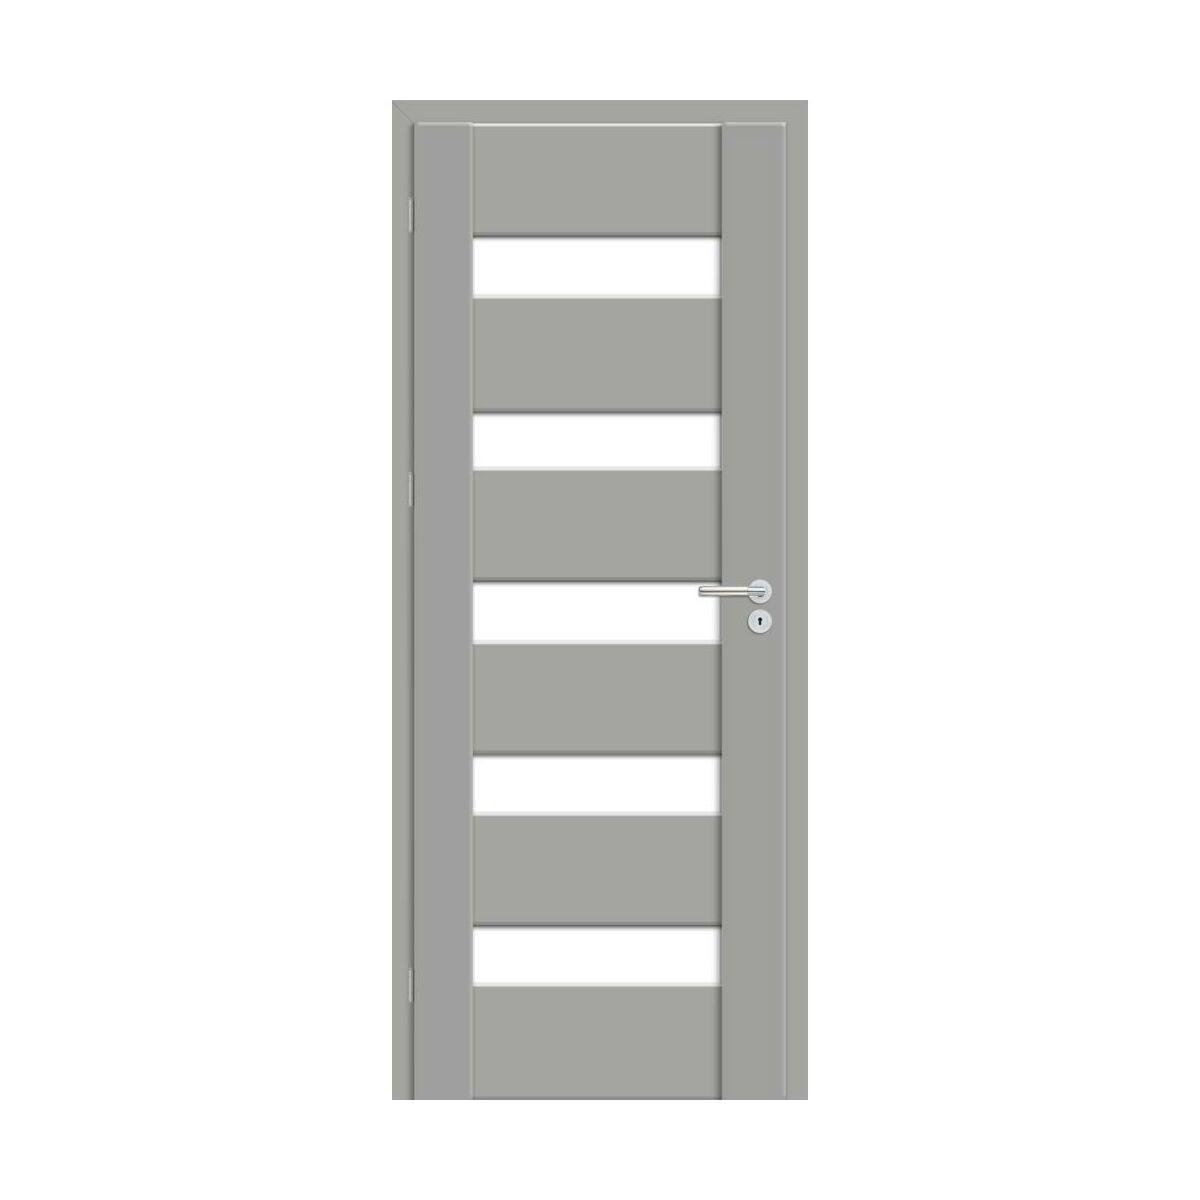 Skrzydlo Drzwiowe Pokojowe Pasto Szary Mat 80 Lewe Artens Drzwi Wewnetrzne W Atrakcyjnej Cenie W Sklepach Leroy Merlin